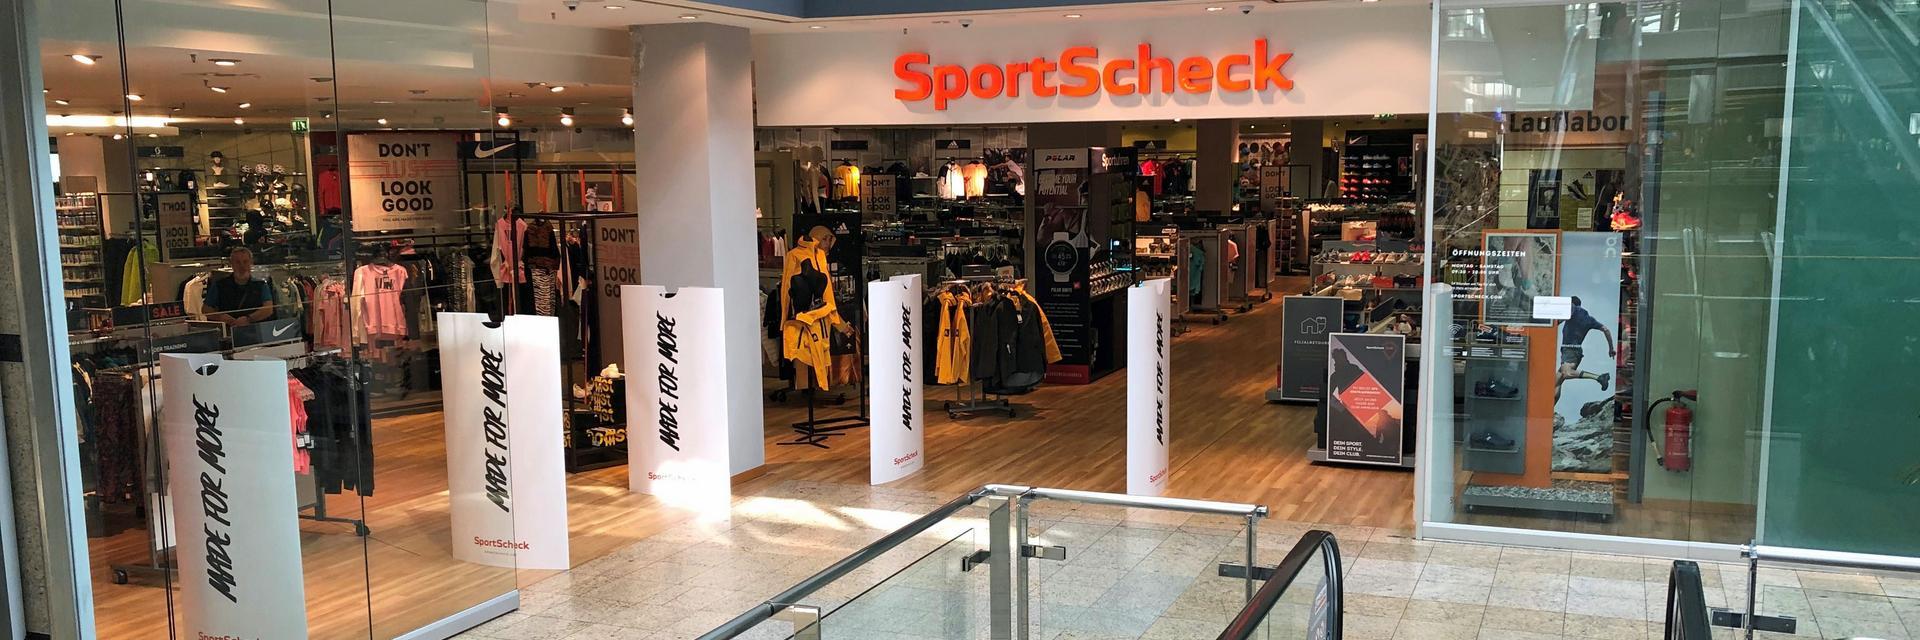 SportScheck-Augsburg-Aussenansicht